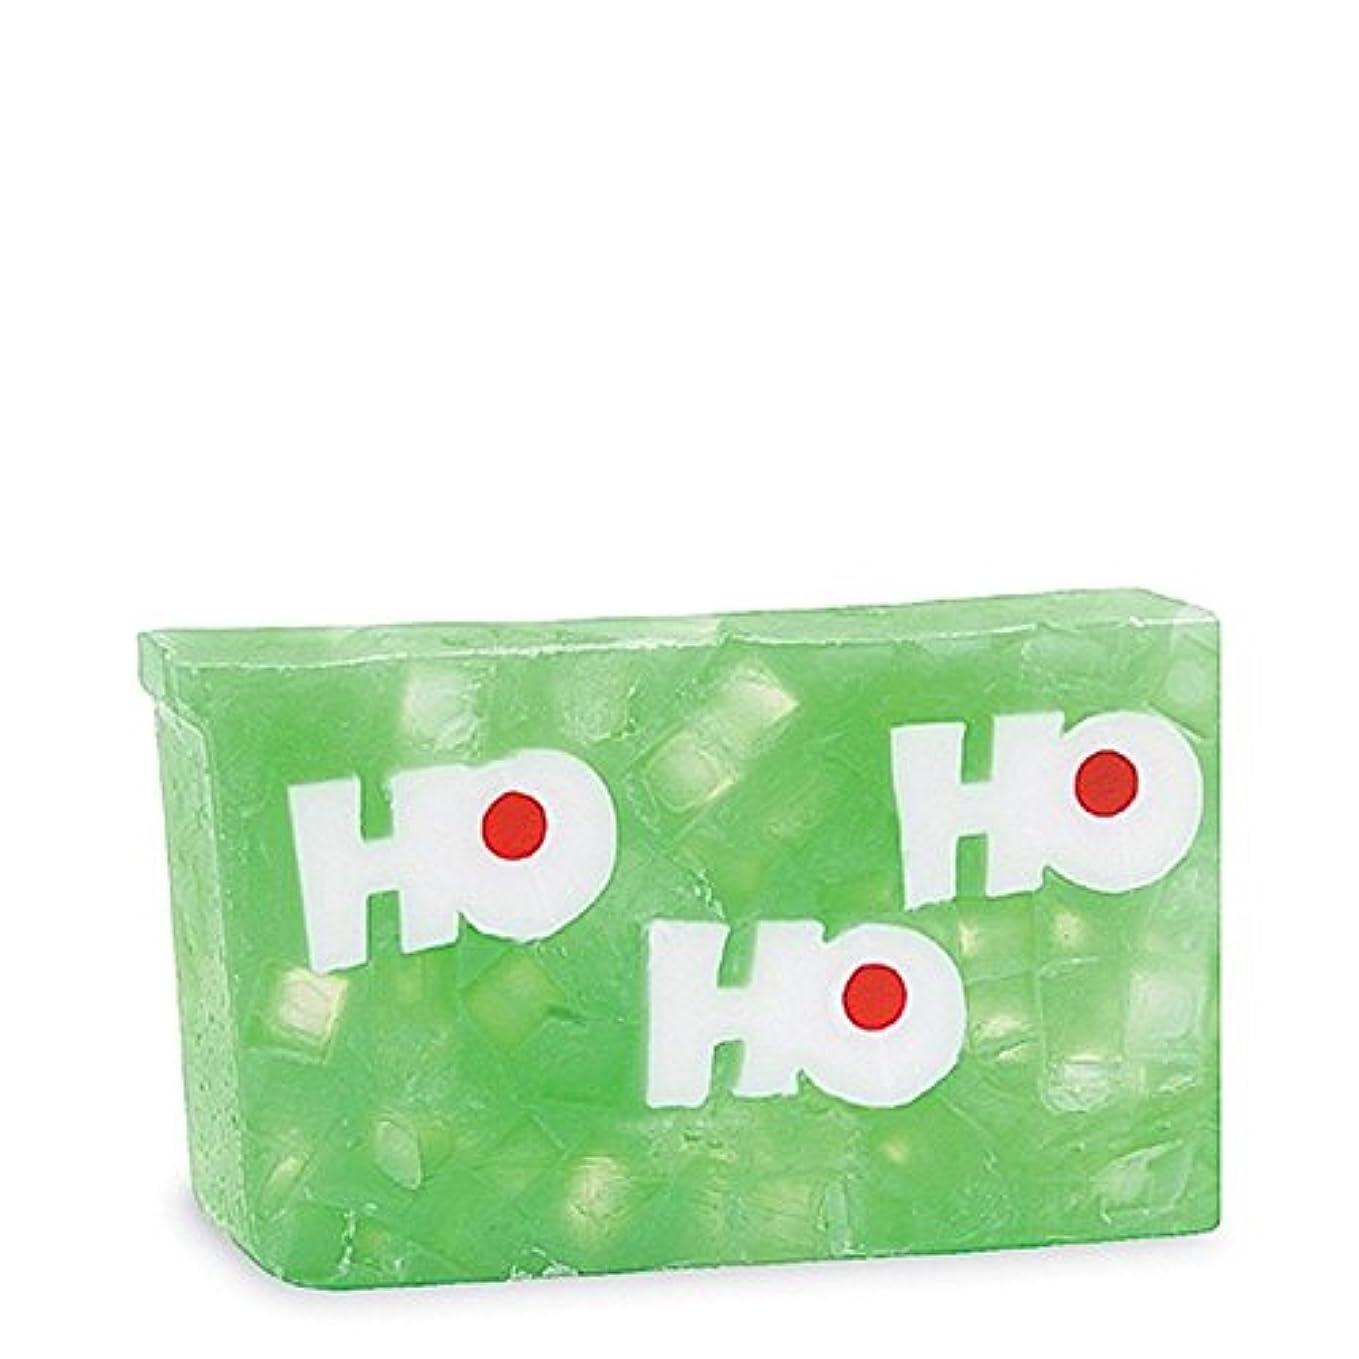 メイン影響力のある発送Primal Elements Ho Ho Ho Soap (Pack of 6) - 原初の要素ホーホーホ石鹸 x6 [並行輸入品]